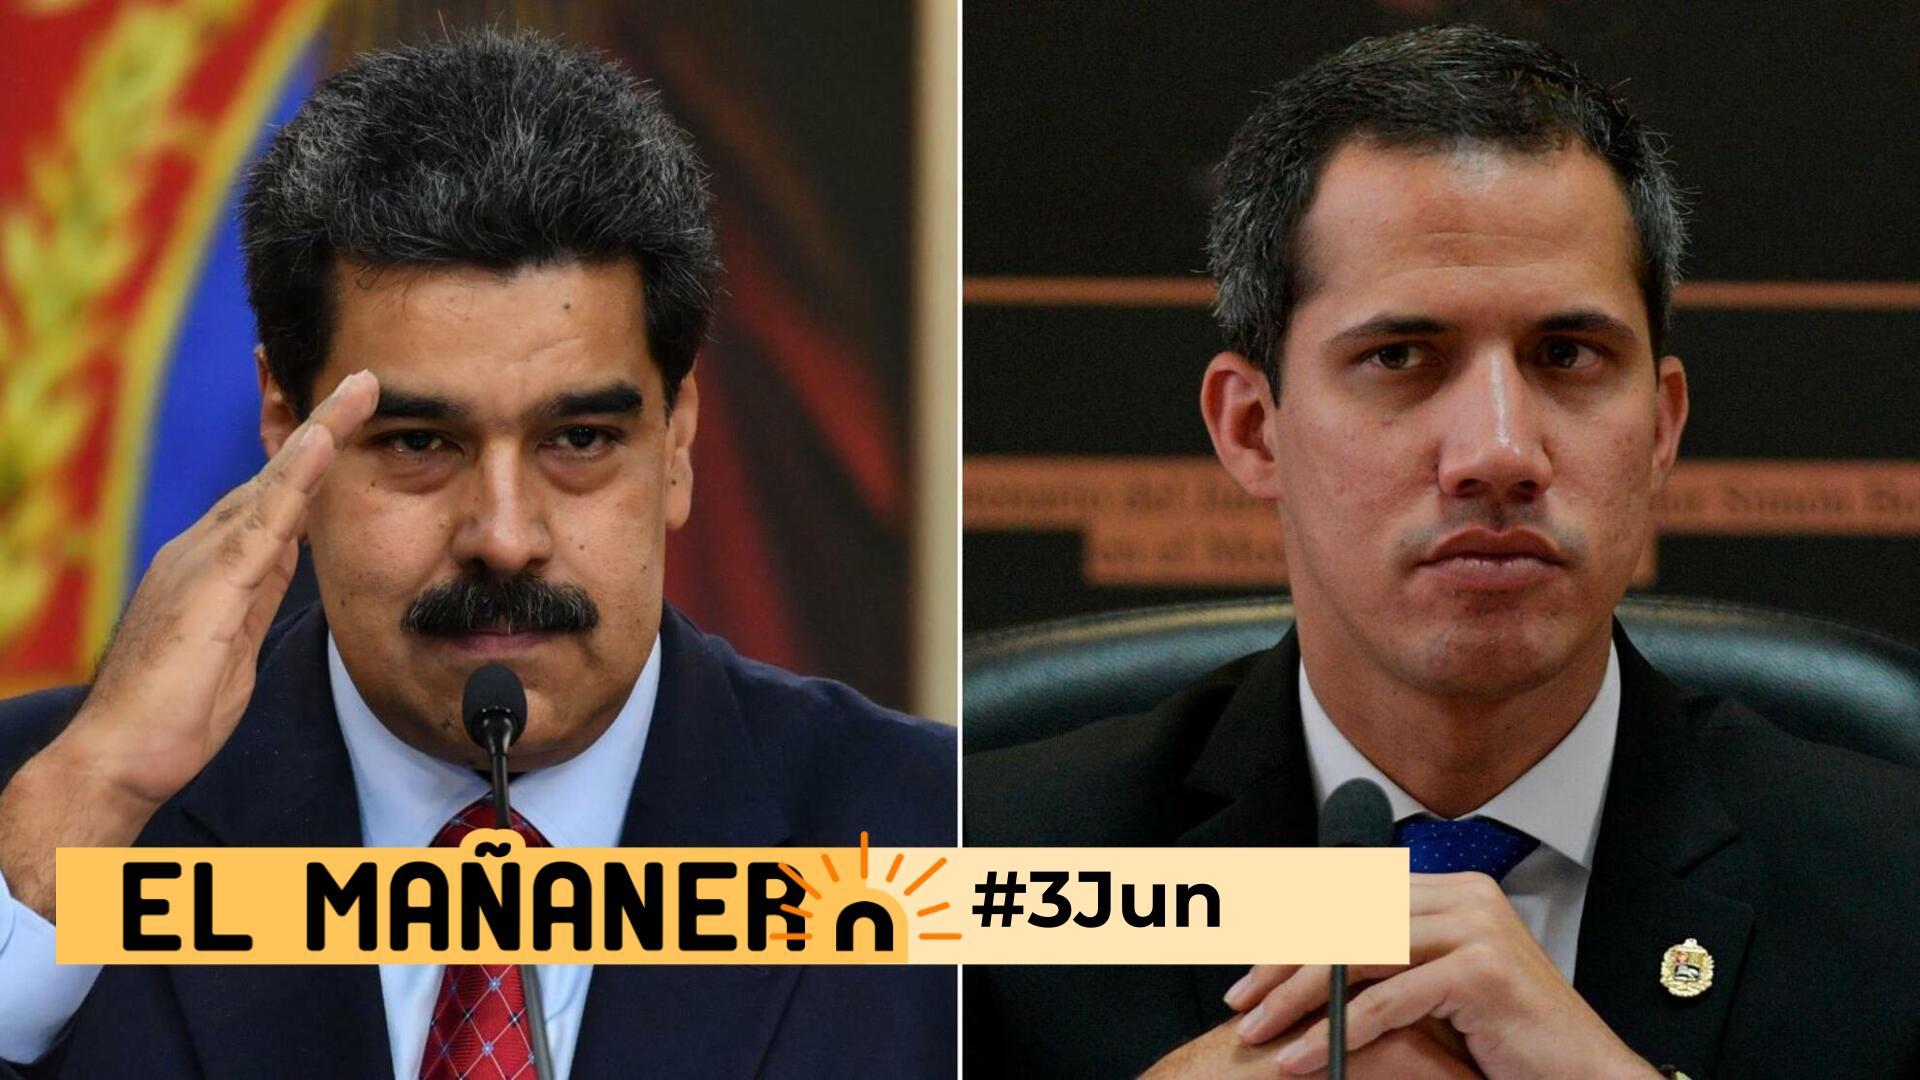 El Mañanero de hoy #3Jun: Las 8 noticias que debes saber